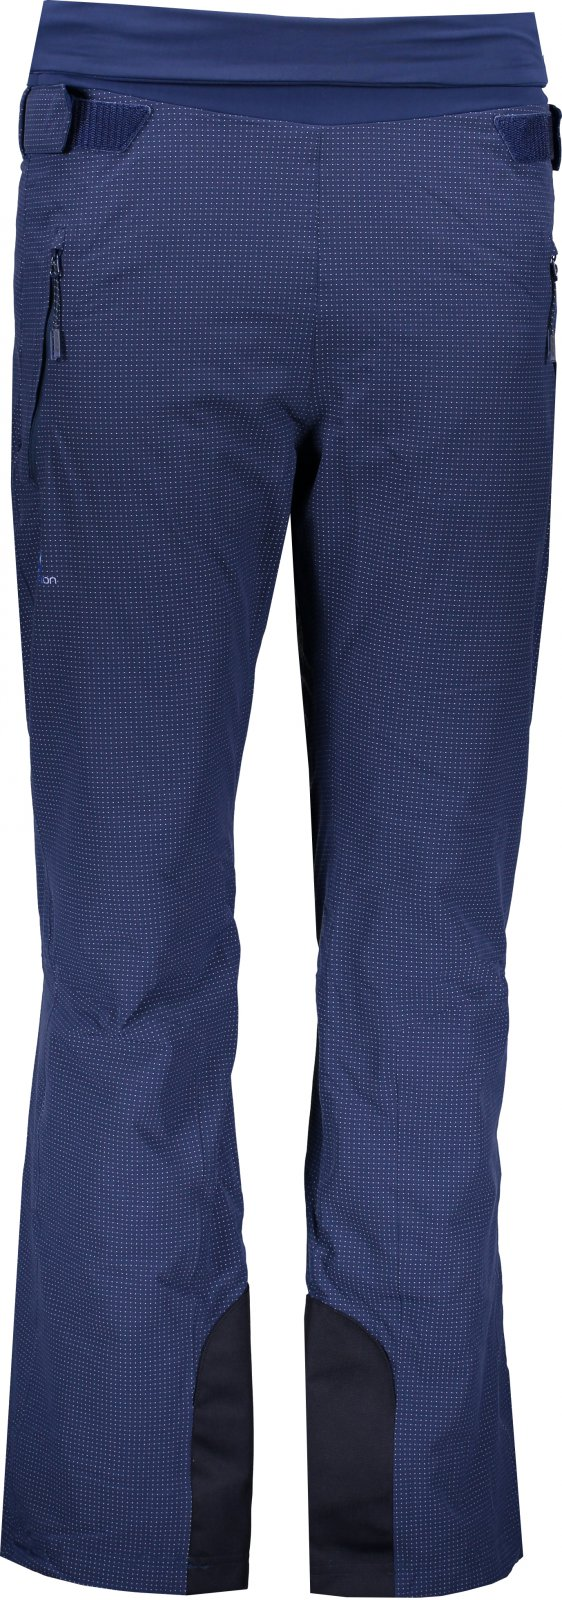 Salomon Catch Me Pant W Medieval Blue od 3 649 Kč • Zboží.cz 3b02367066